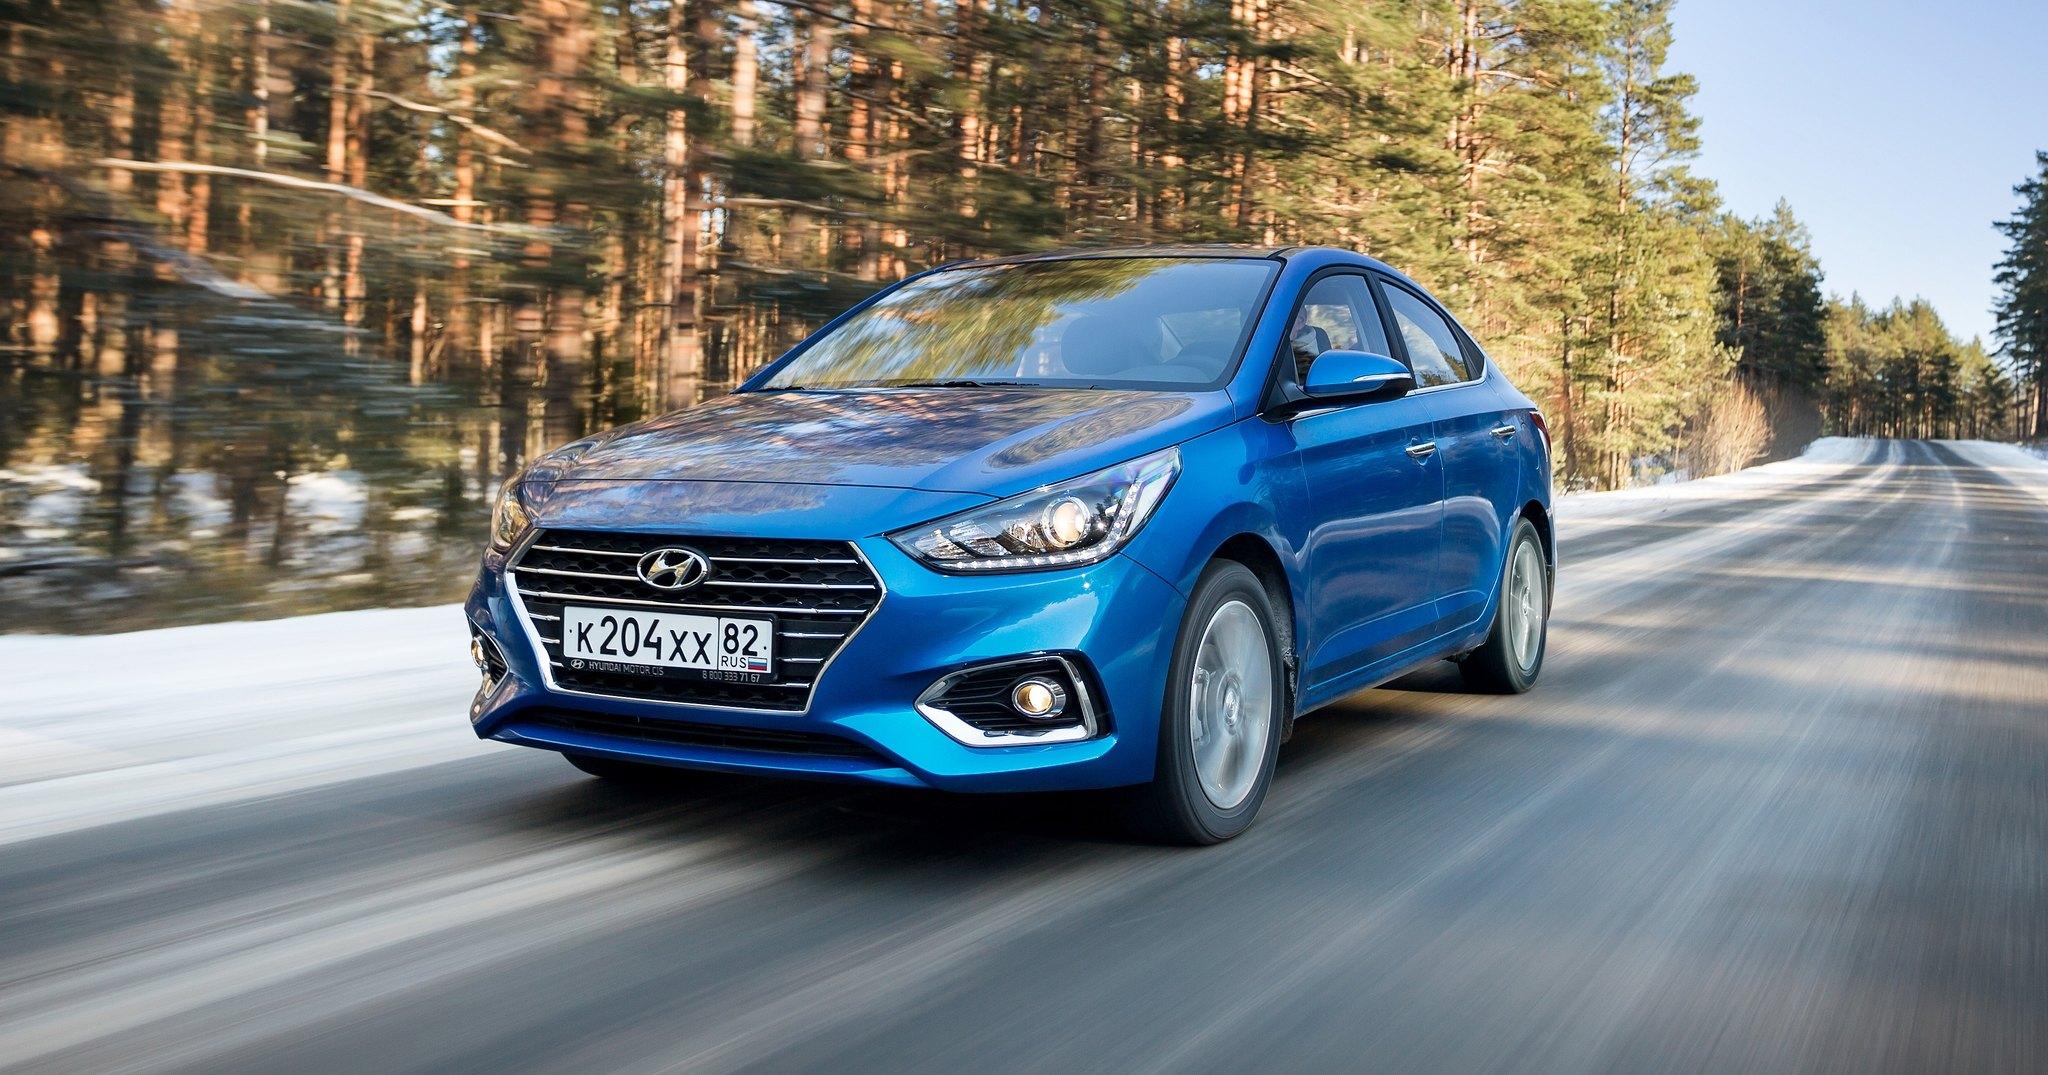 Владельца Hyundai Solaris оштрафовали за езду со скоростью 313 км/ч